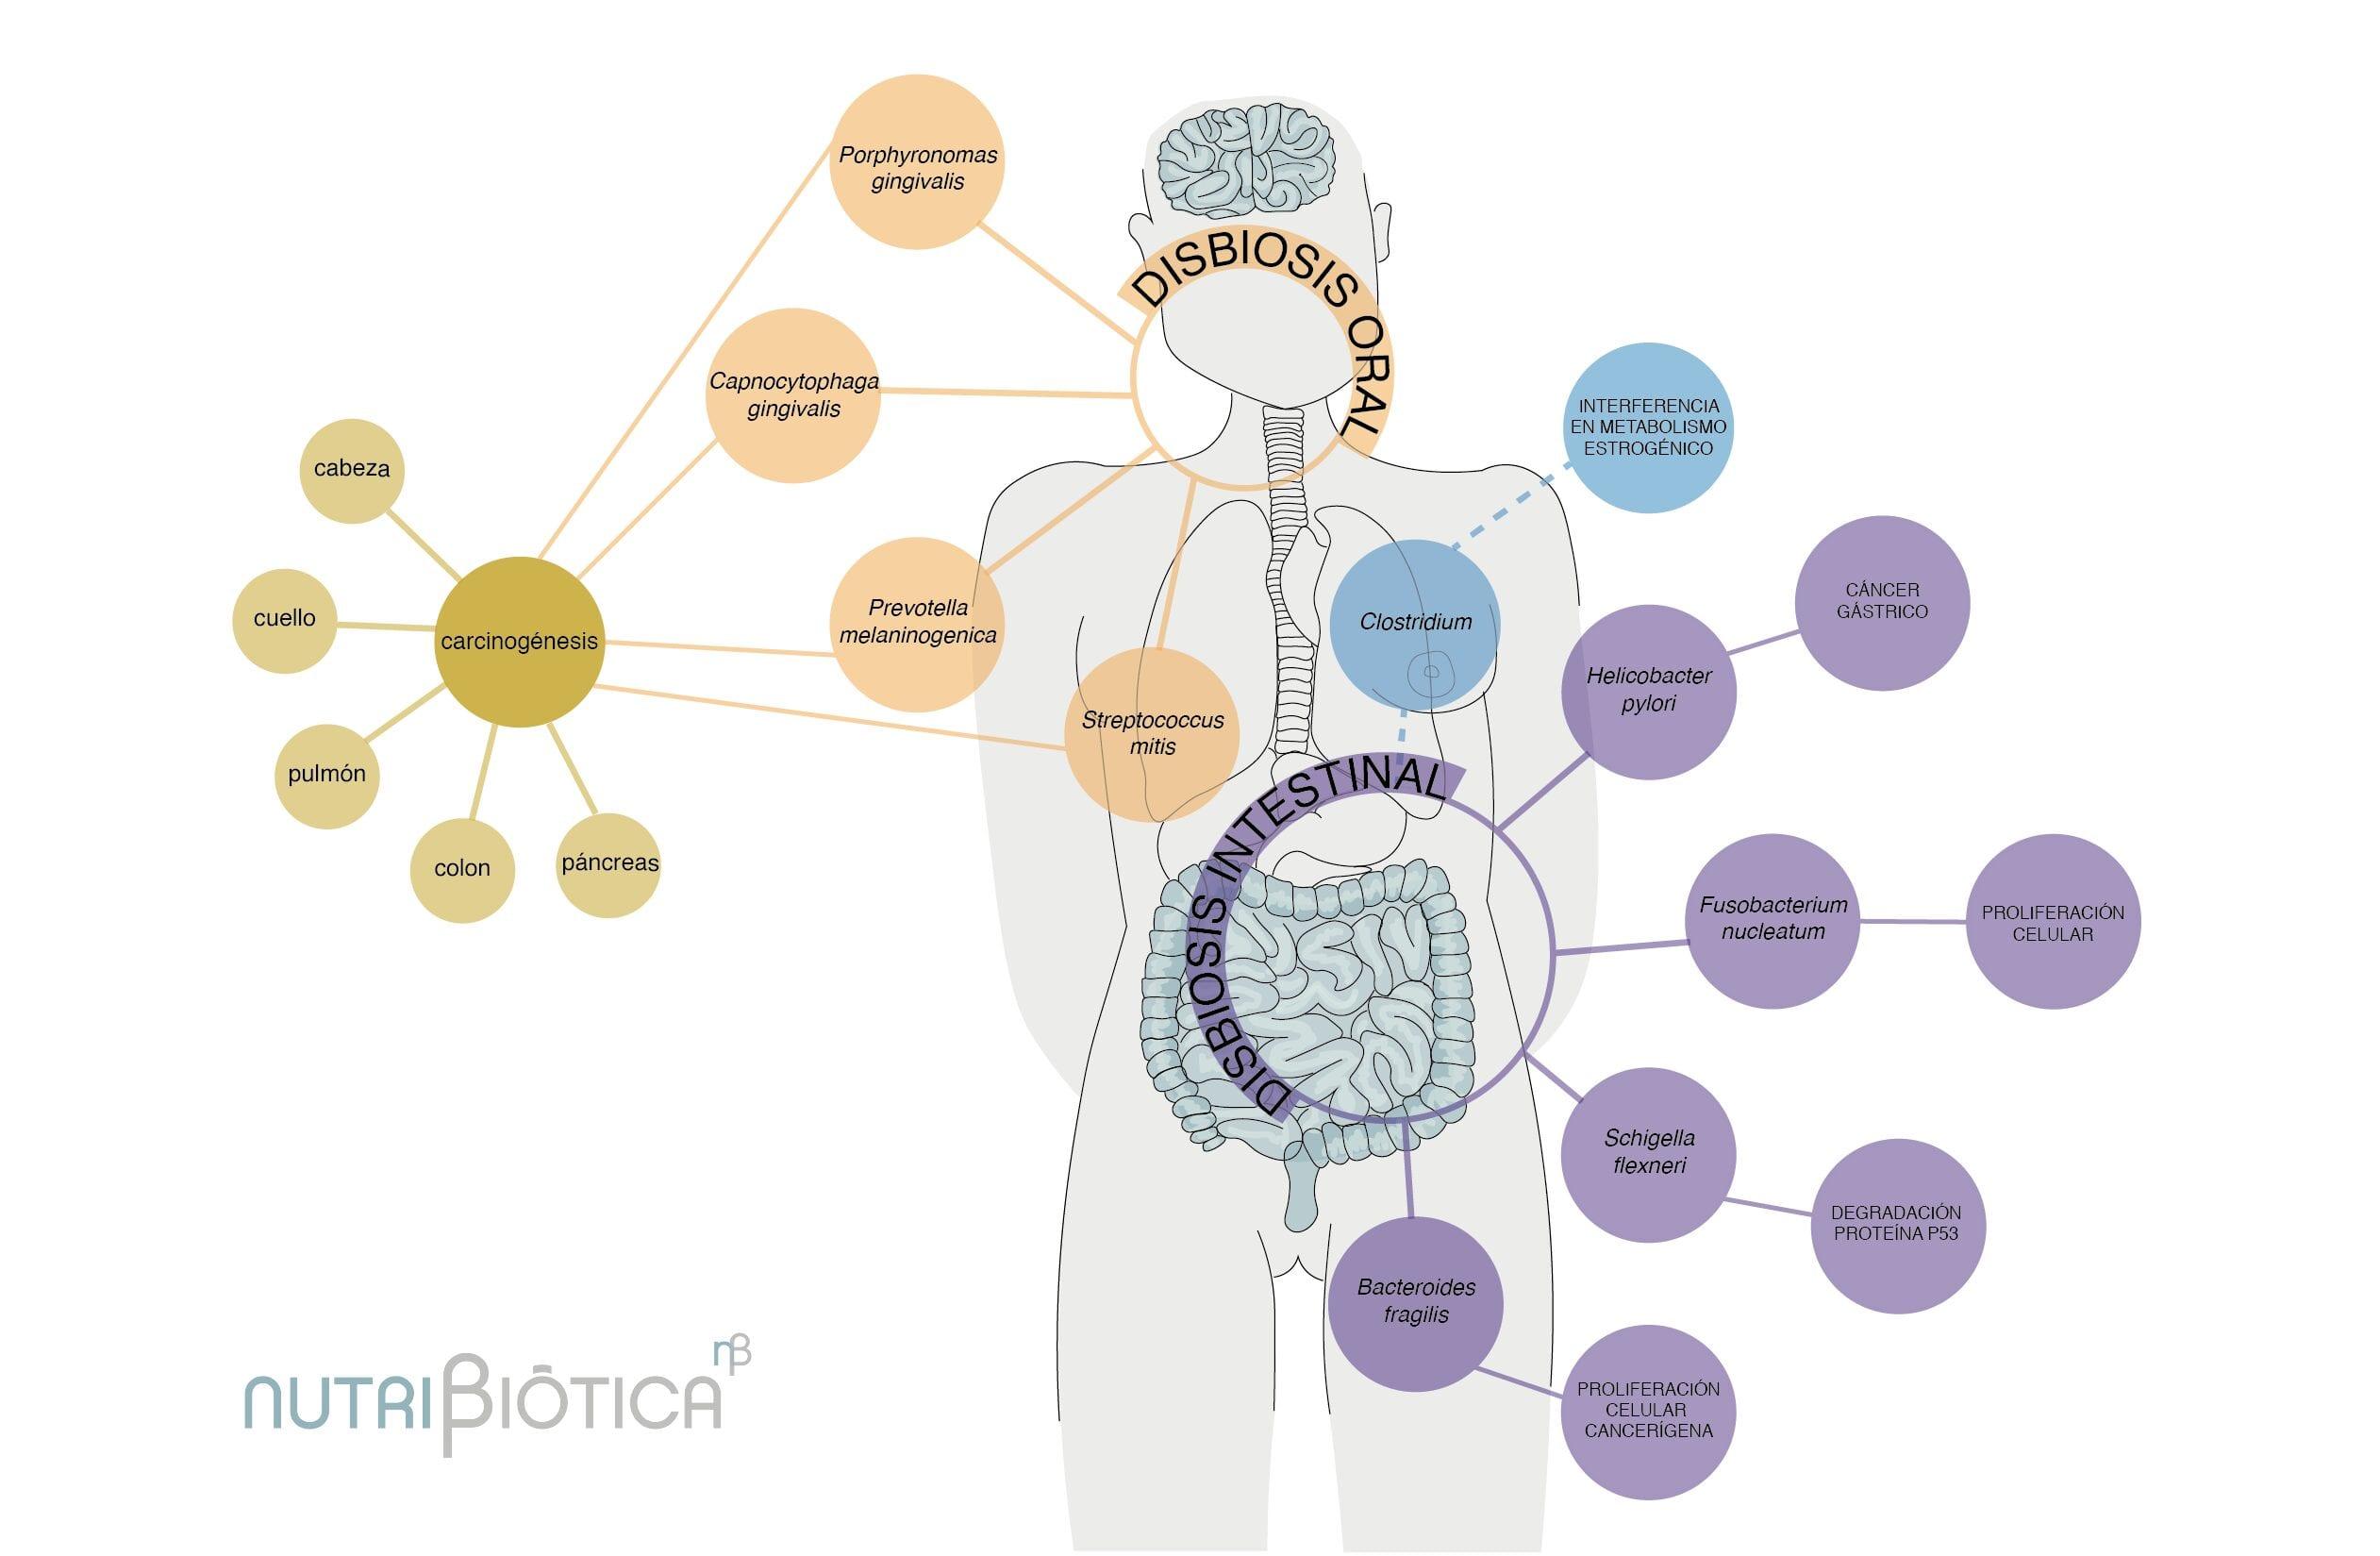 cancer microbiota